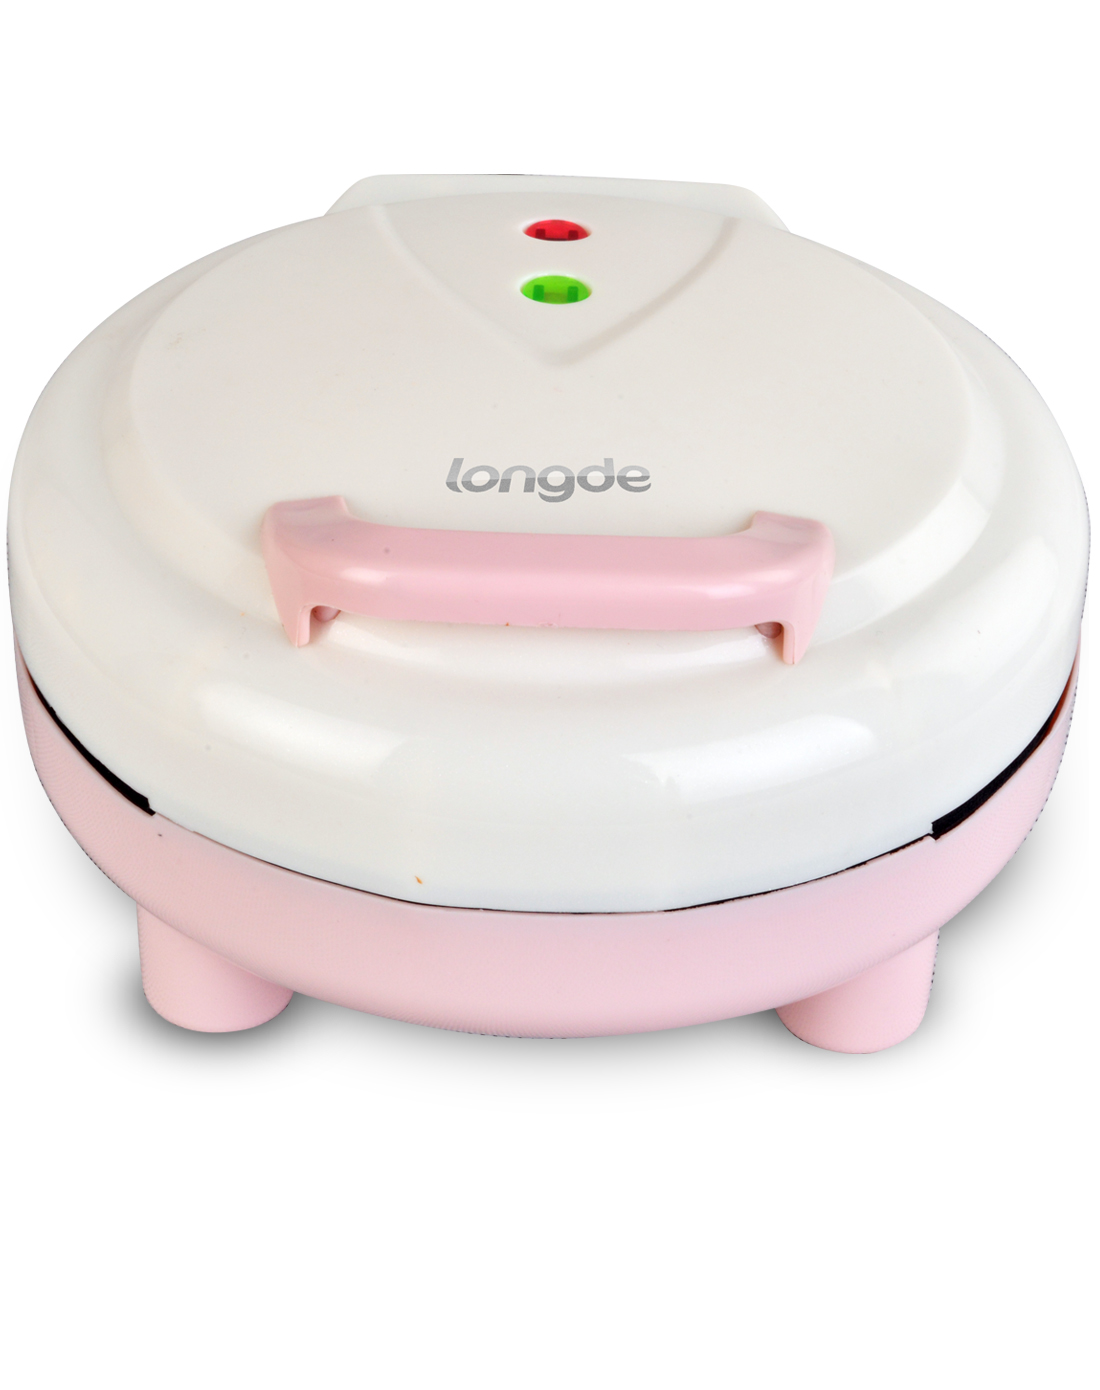 蛋糕机可爱全自动不沾烤盘800w 白色 粉色